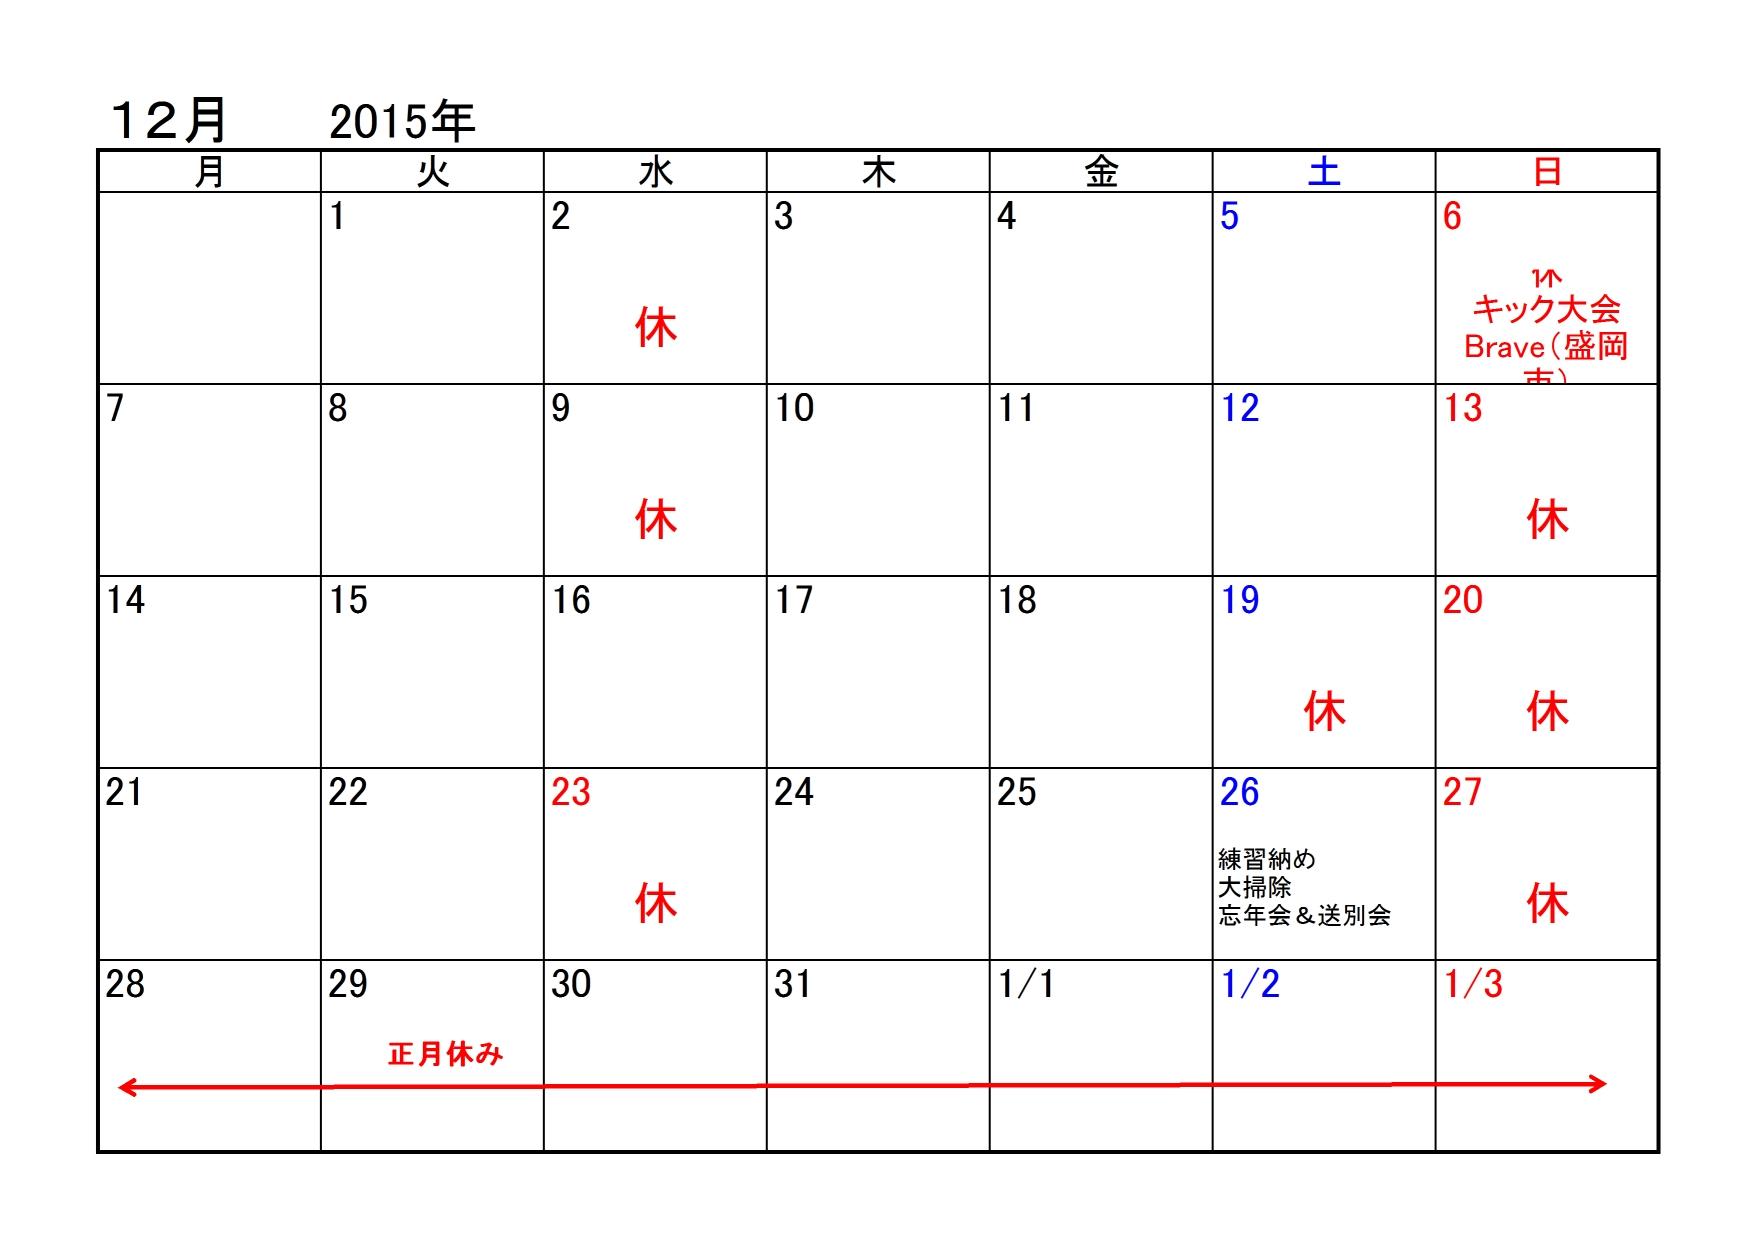 月別カレンダー2015年12月